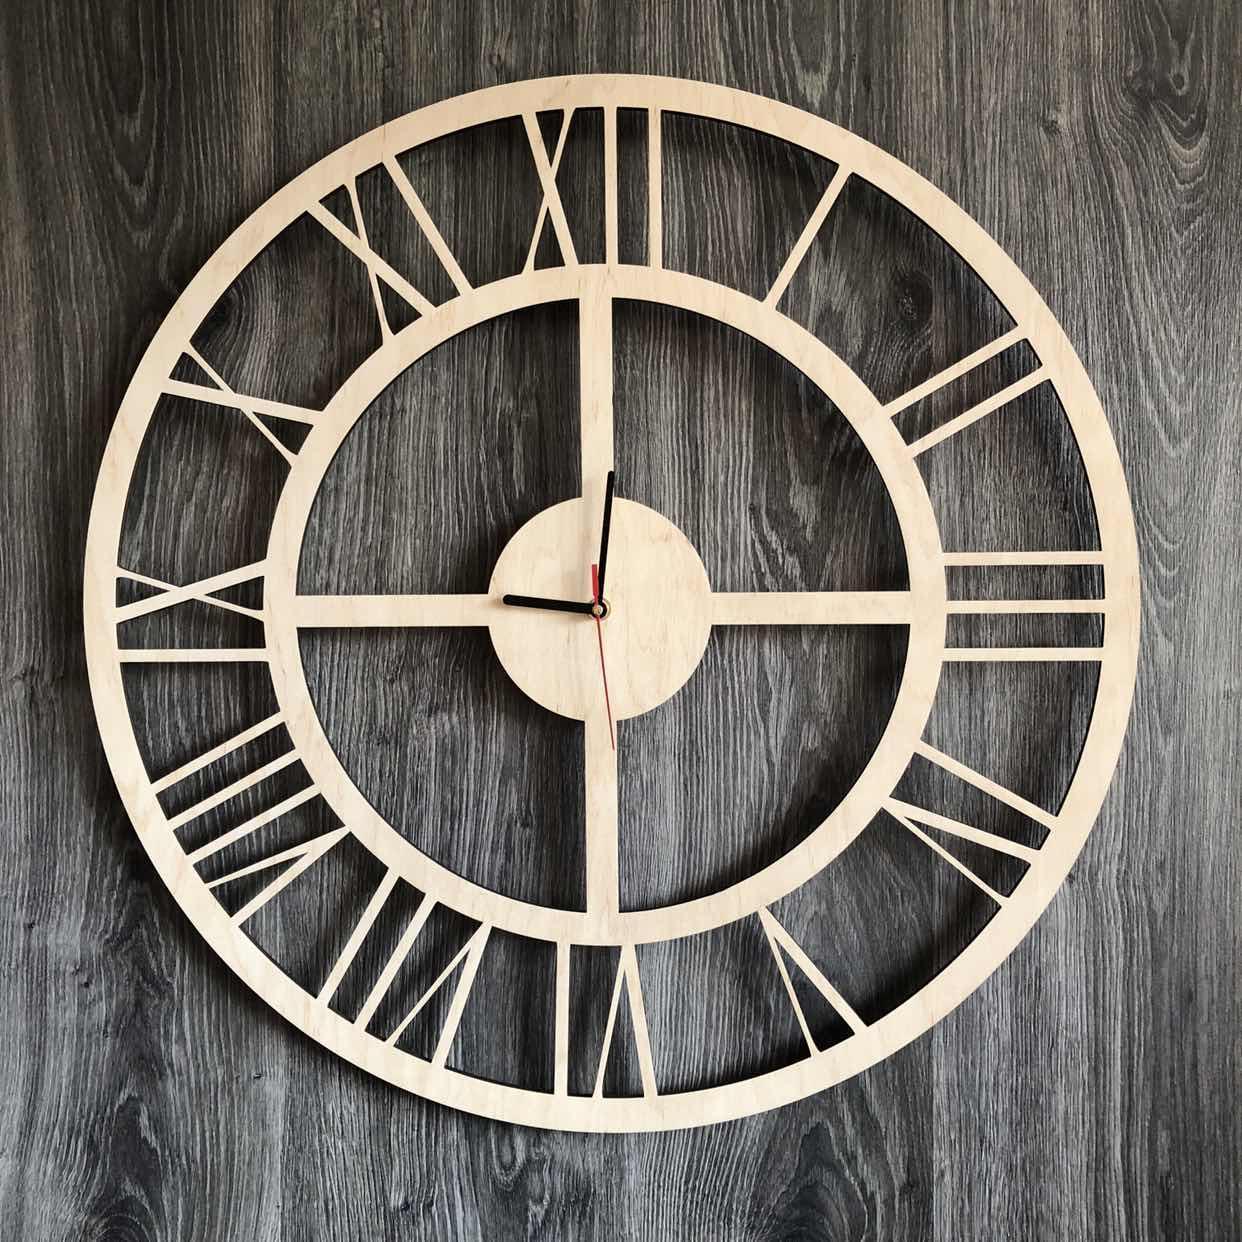 Бесшумные настенные часы из дерева в интерьер с универсальным дизайном CL-0287